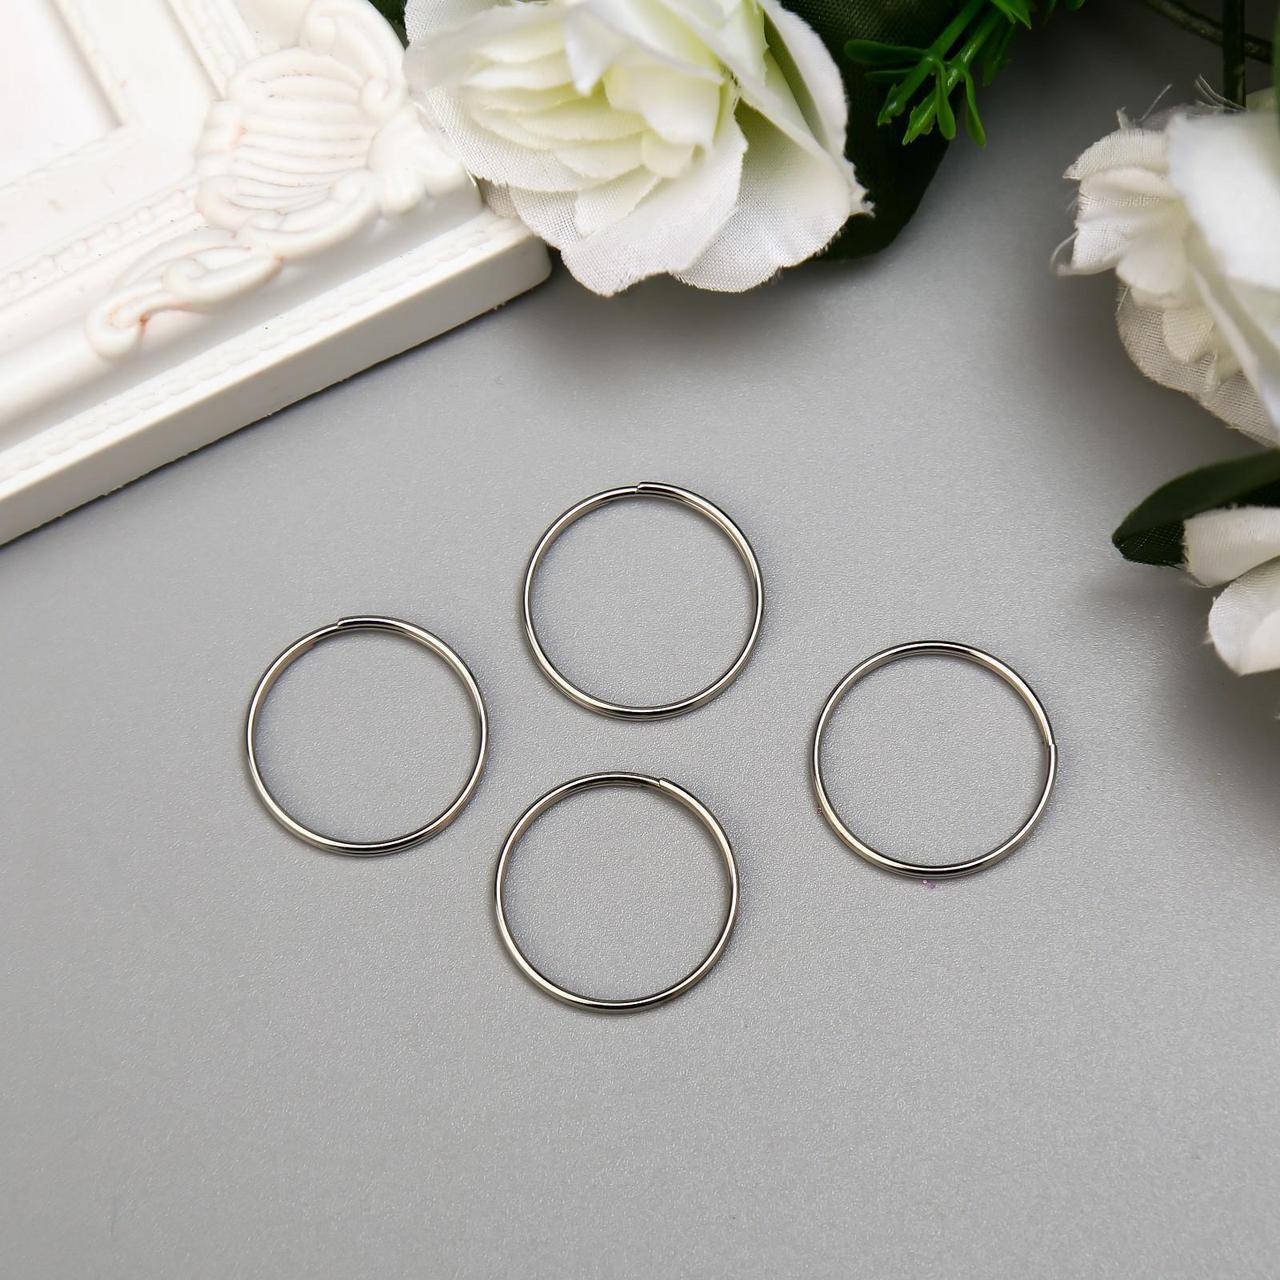 Соединительное кольцо металл серебро 2,2х2,2 см набор 50 шт